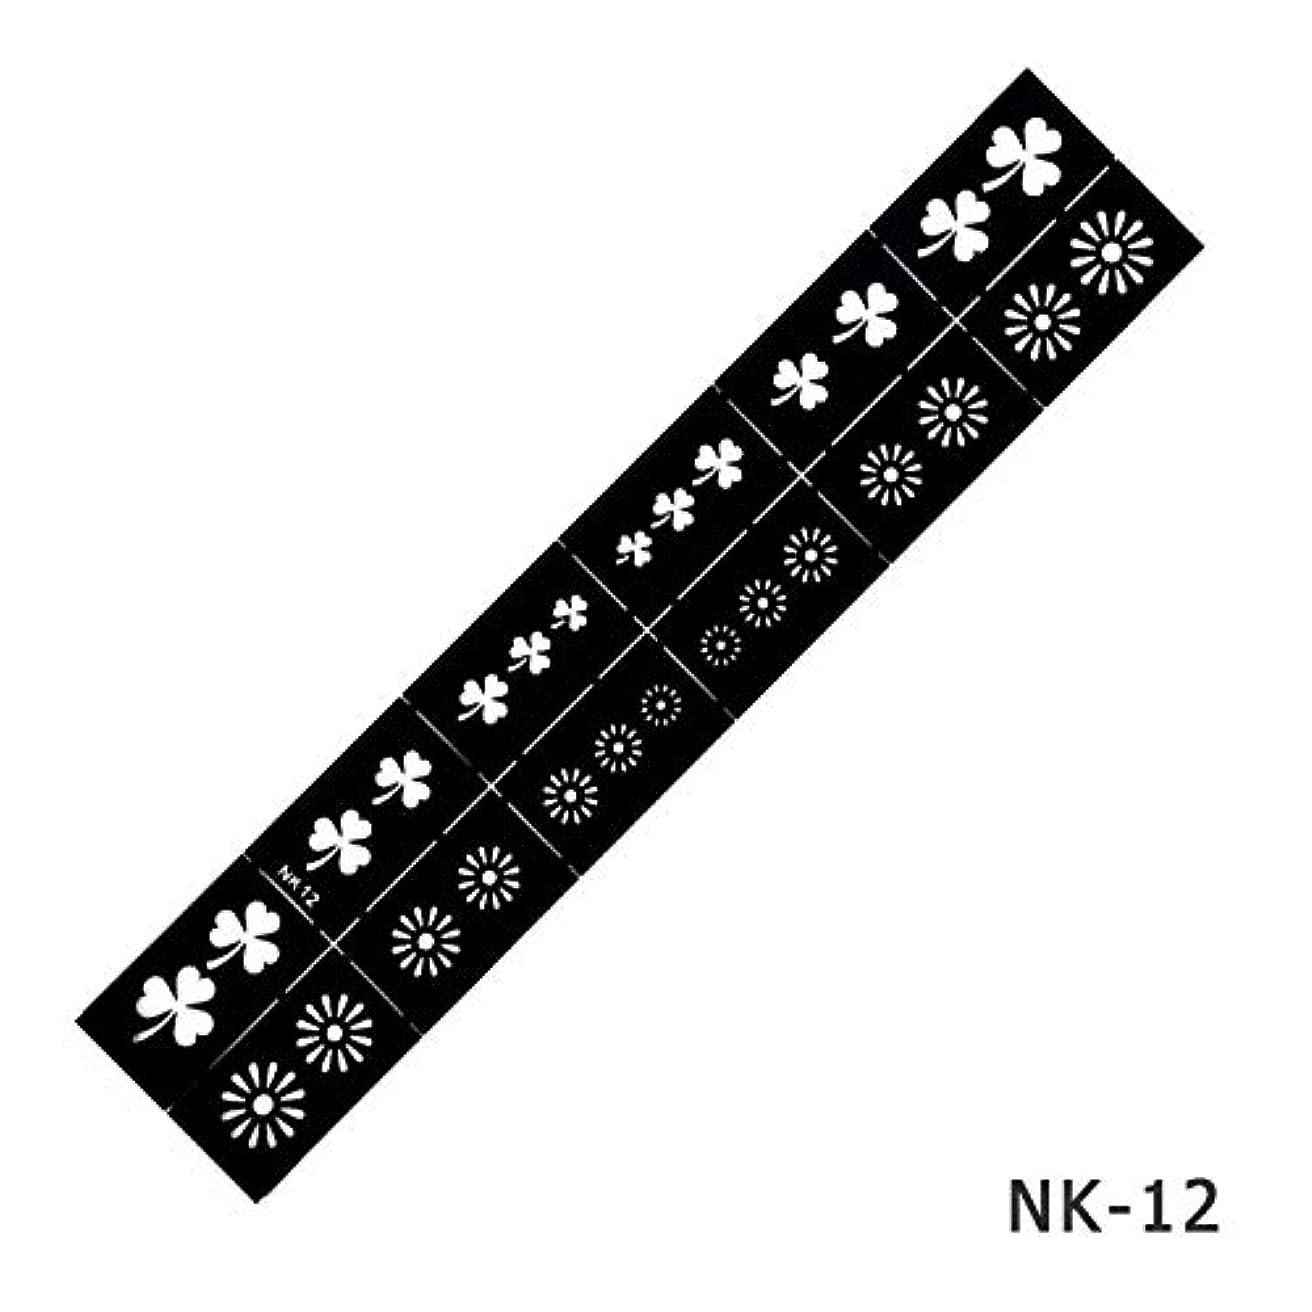 破滅的などれでもモディッシュSUKTI&XIAO ネイルステッカー 1シートネイルアートのヒントガイド中空ステッカークリスタルフレンチマニキュアテンプレート3Dステンシルデカールフォームスタイリングツール、Nk12